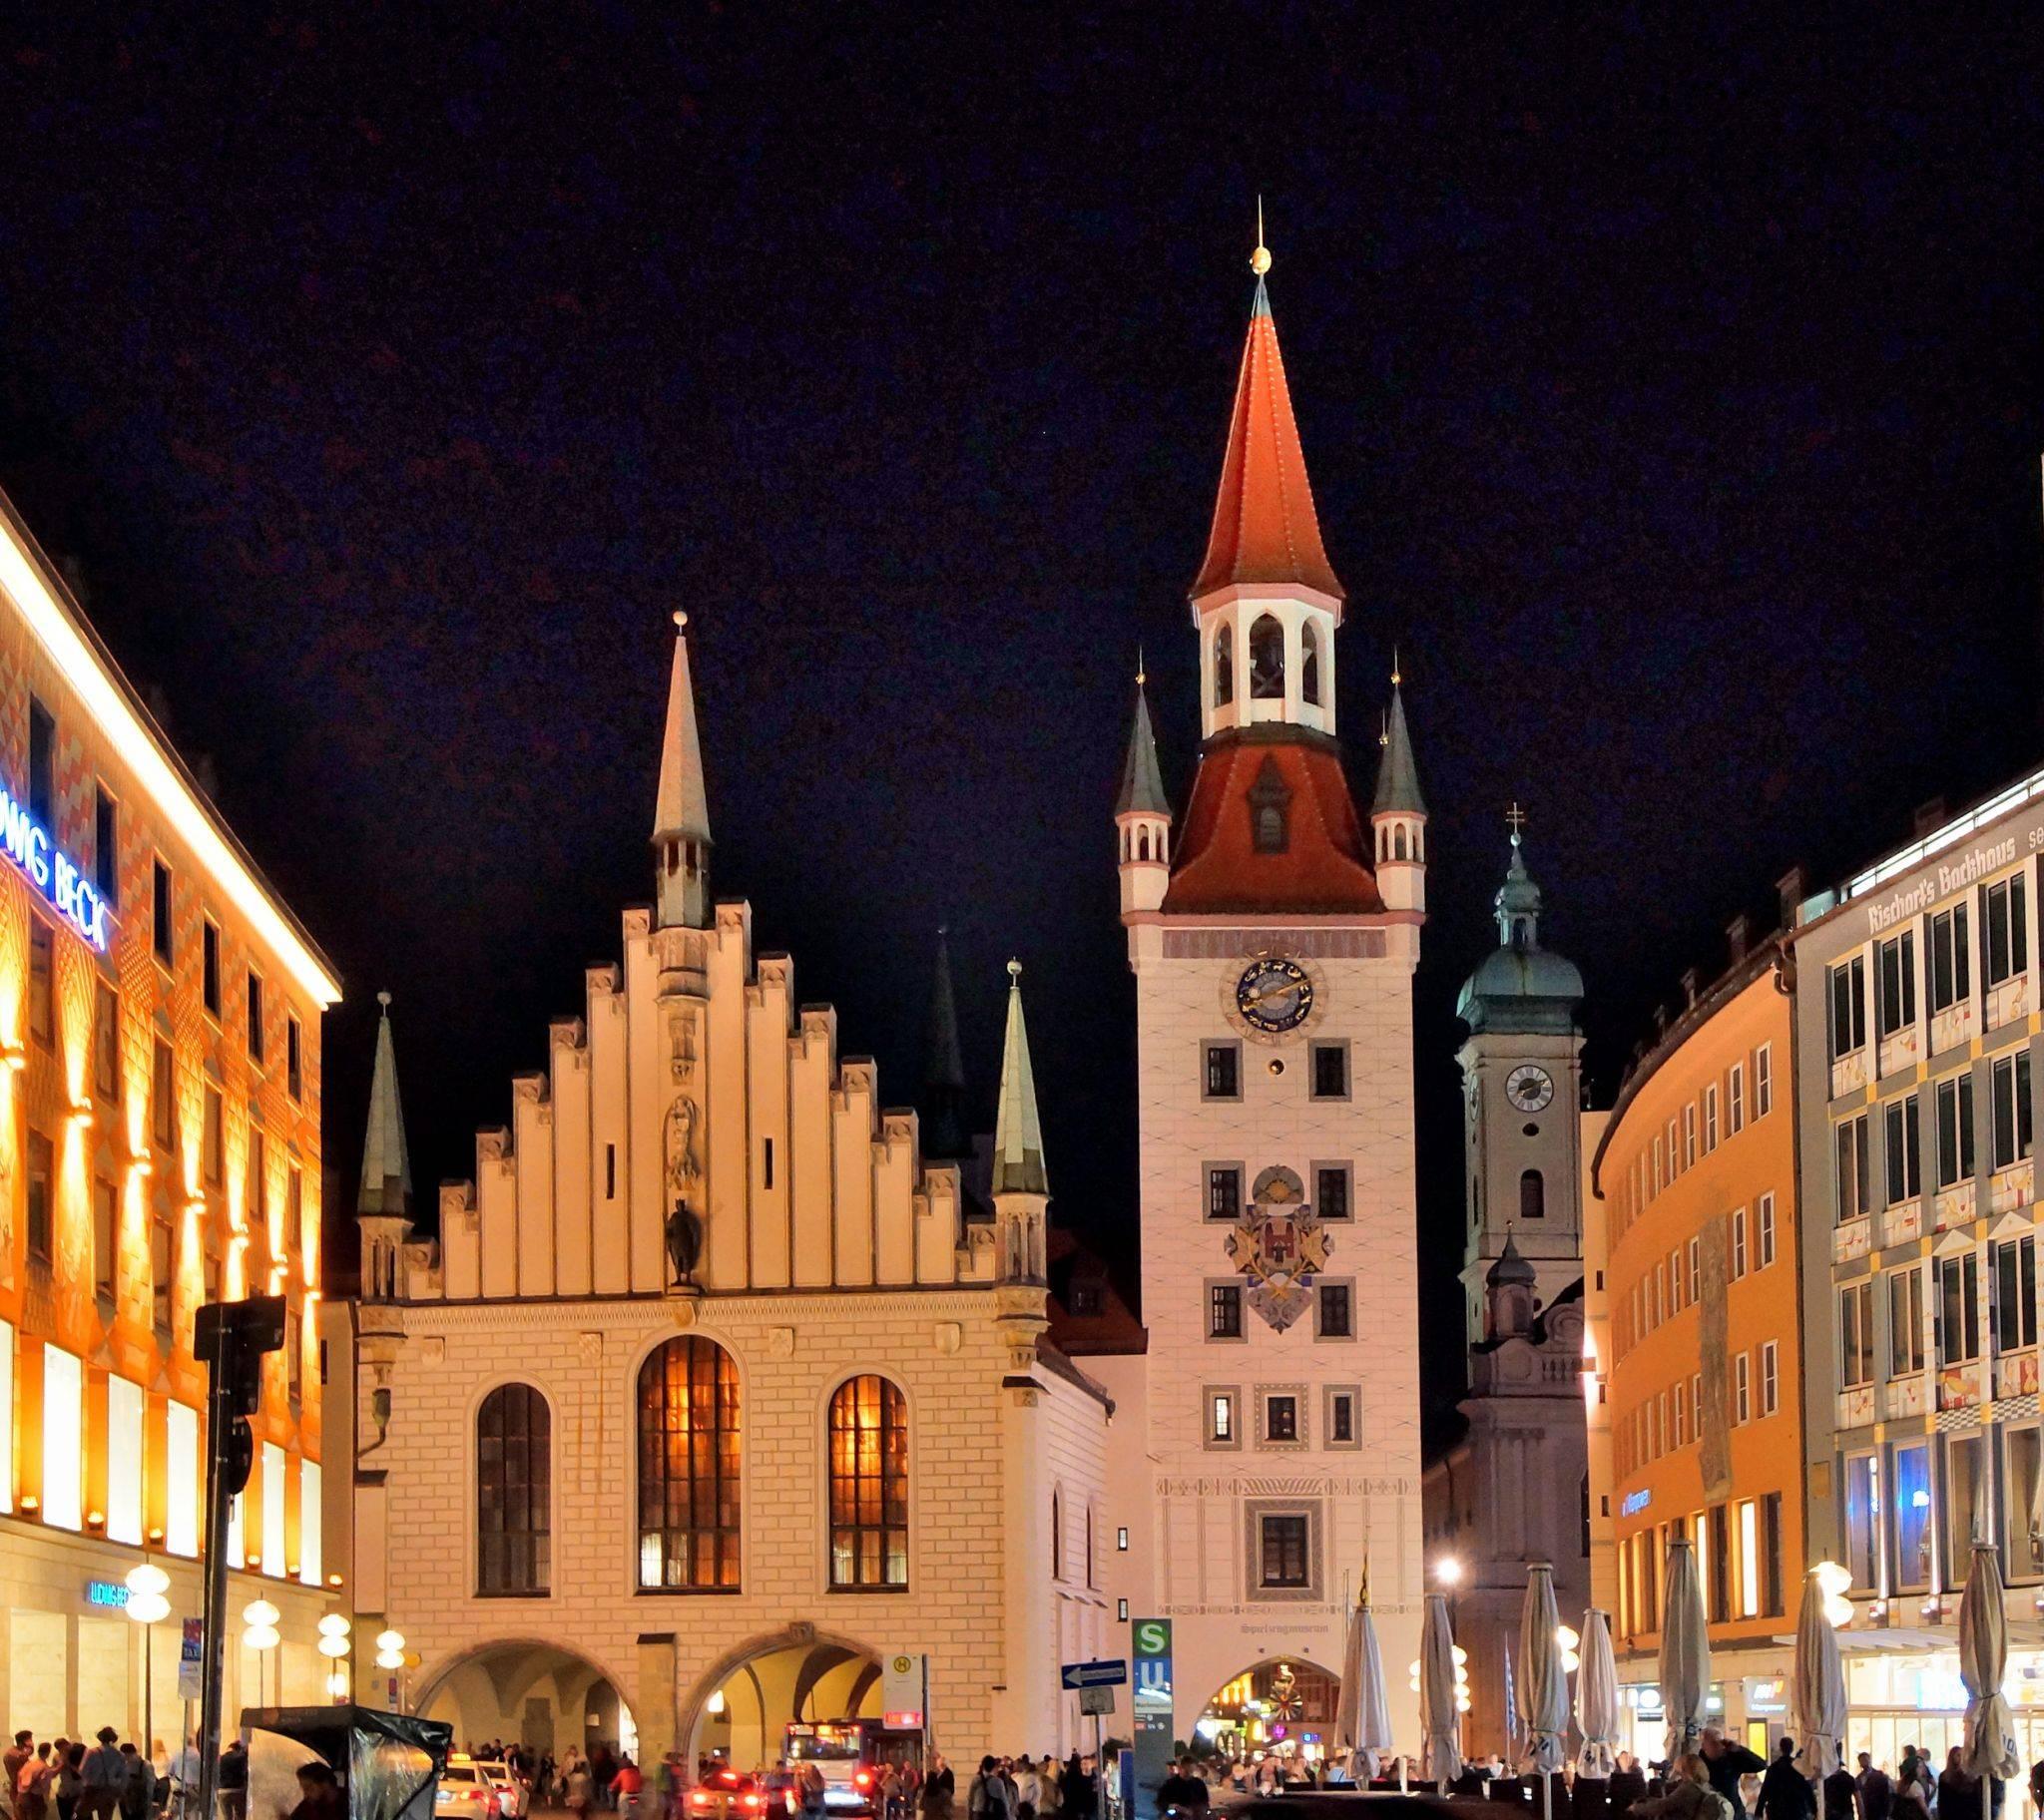 Новая ратуша : описание, адрес, время работы - достопримечательности мюнхена